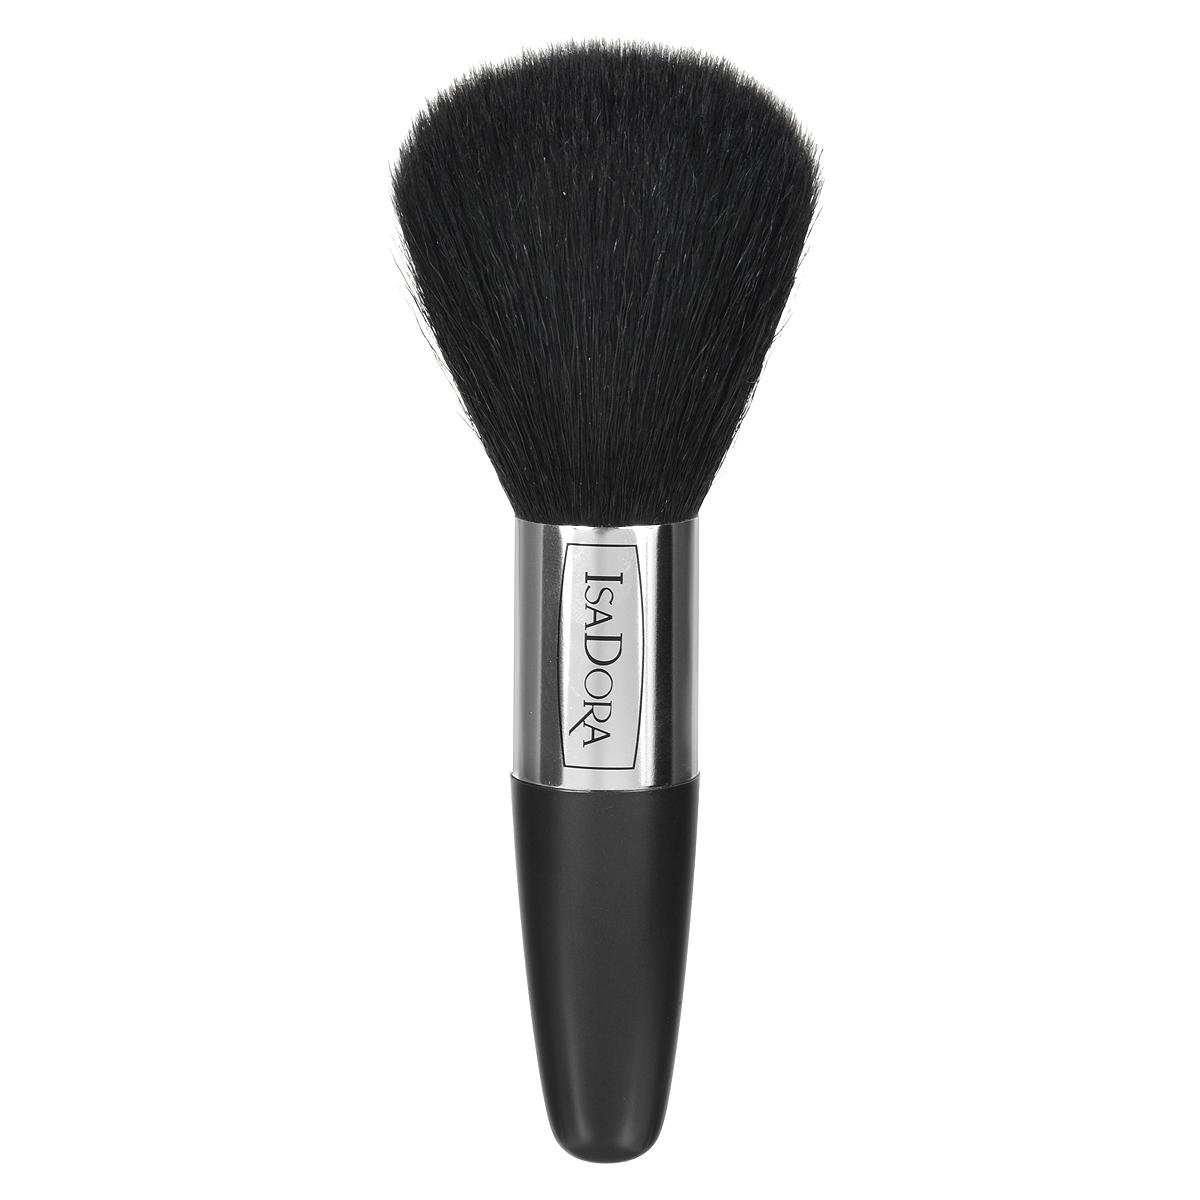 Isa Dora Кисть для бронзирующей пудры Bronzing Powder Brush119246Кисть Isa Dora Bronzing Powder Brush - большая, округлой формы с удобной толстой ручкой, подходит для нанесения компактной и рассыпчатой пудры. Кисть позволяет корректировать макияж в течение дня, обеспечивает безупречное распределение пудры на коже, комфортное, аккуратное и равномерное нанесение.Кисть изготовлена из 100% натурального ворса, стерилизованного в процессе производства. Основная поверхность кисти имеет округлую форму, каждый волосок скруглен и не повреждает нежную кожу лица. Ручка кисти сделана из высококачественного пластика. Товар сертифицирован.